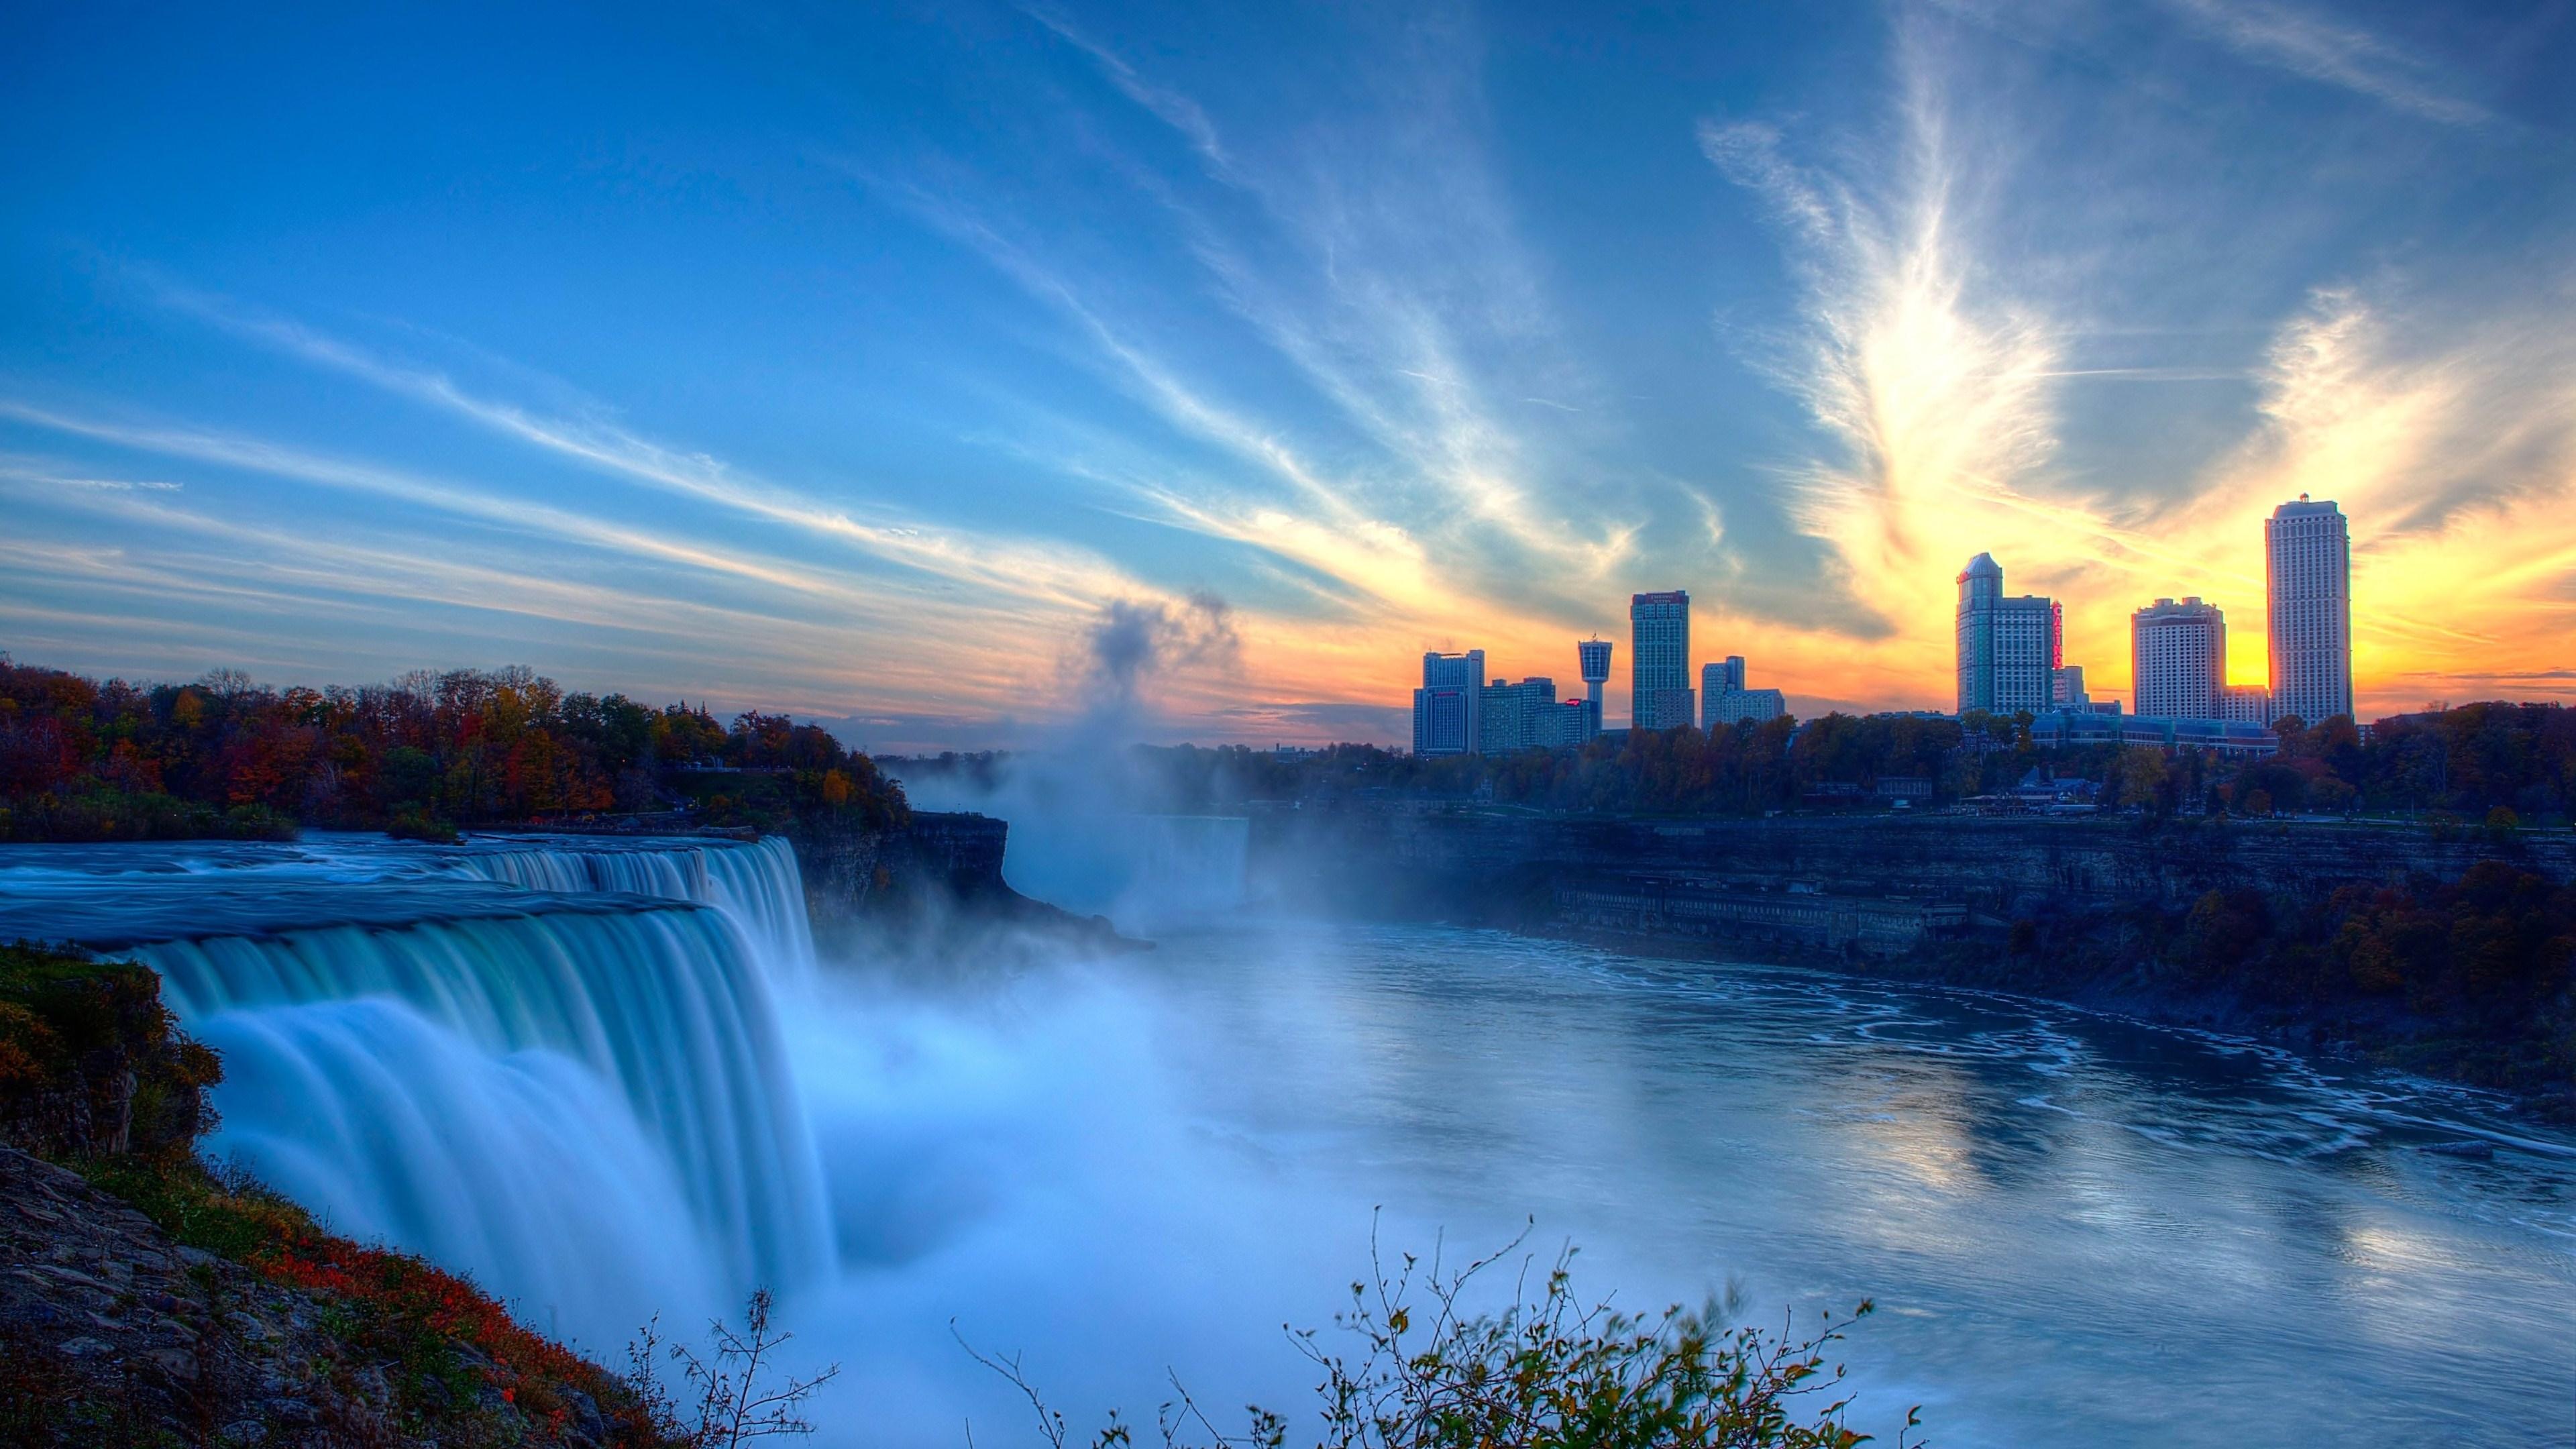 Niagara Falls Wallpaper Iphone Niagara Falls 4k Ultra Hd Wallpaper 3840x2160